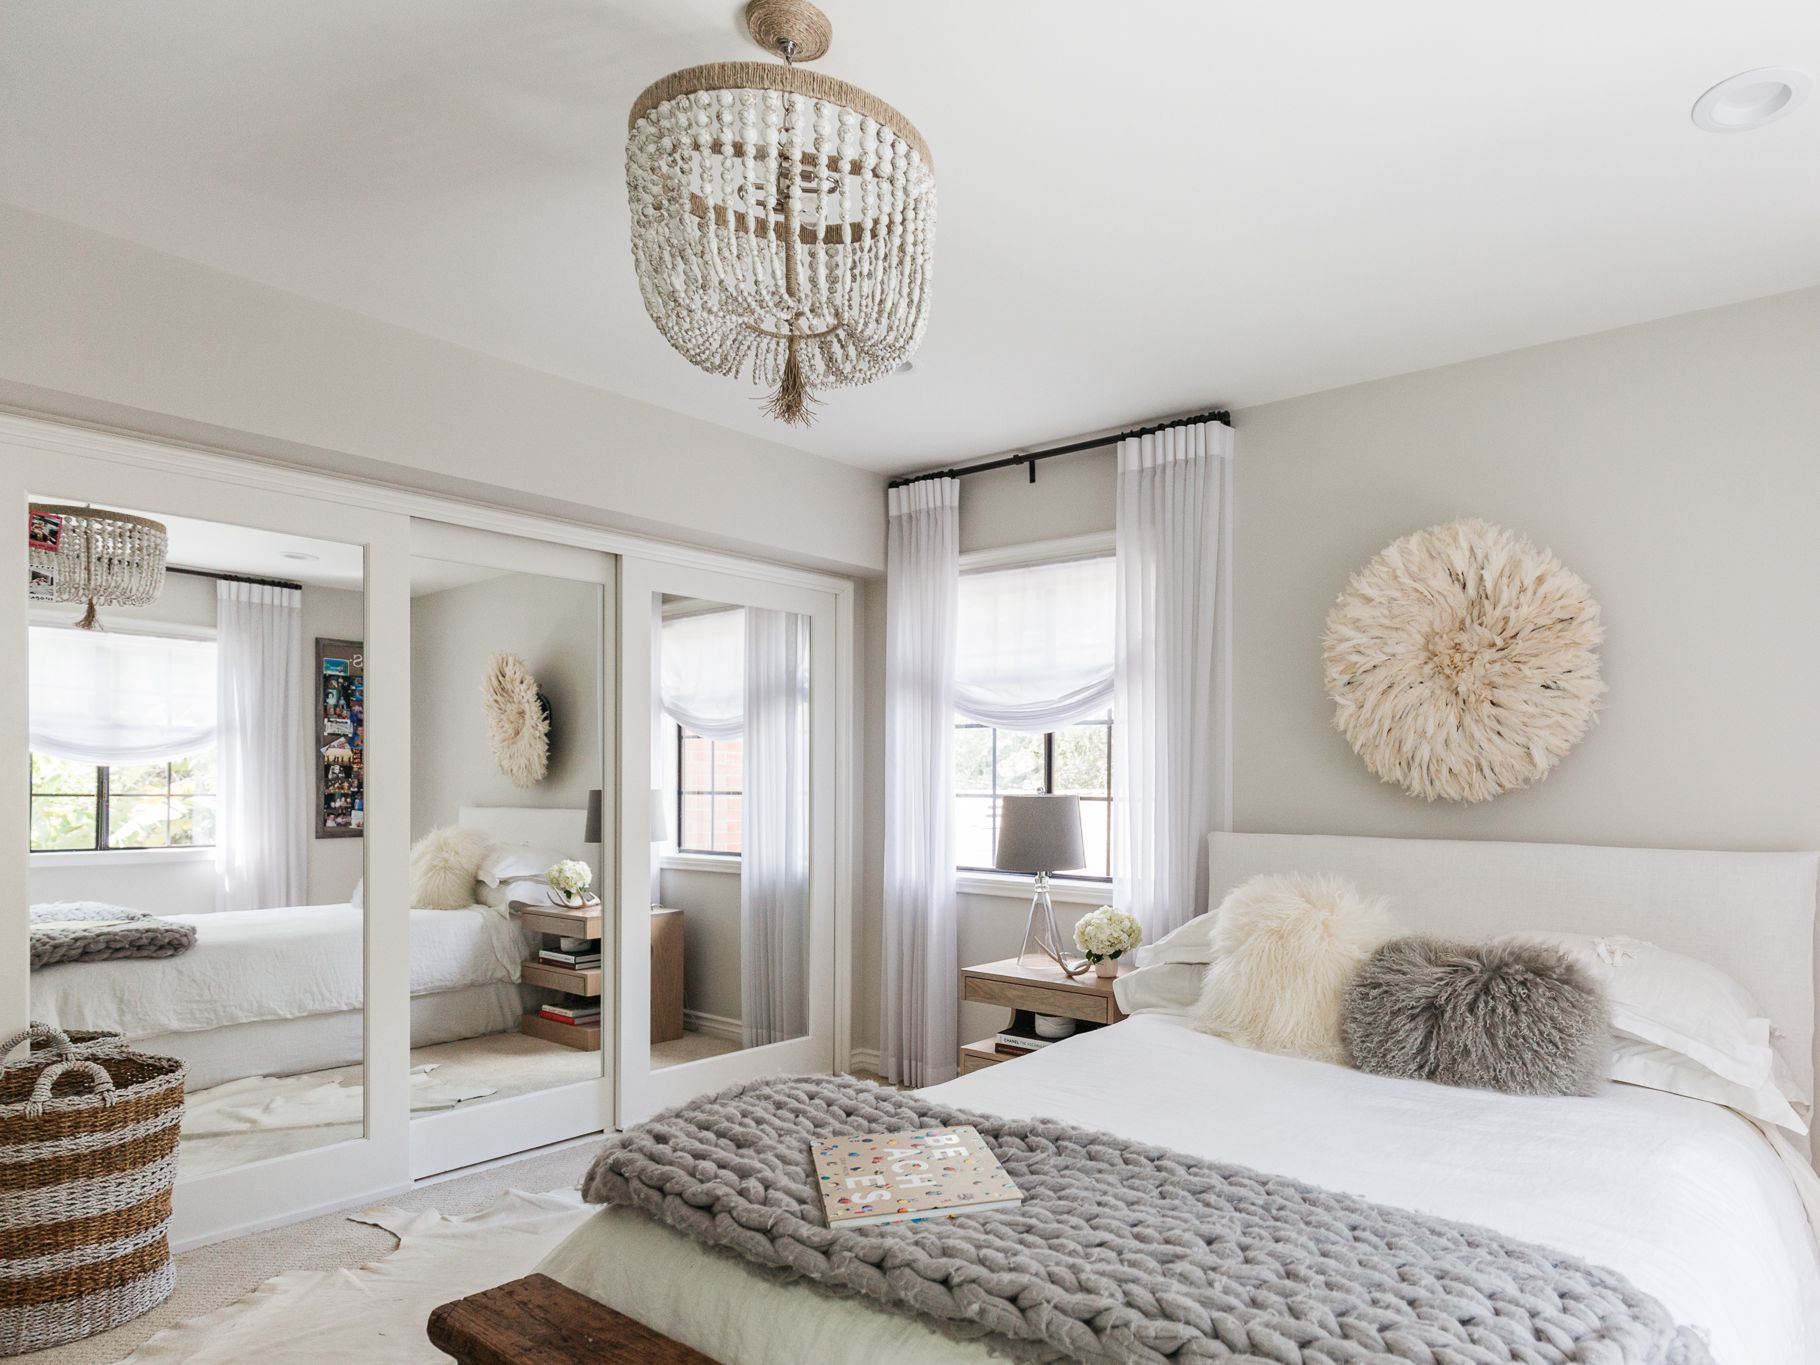 24 Master Bedroom Lighting Ideas, Small Bedroom Chandelier Ideas